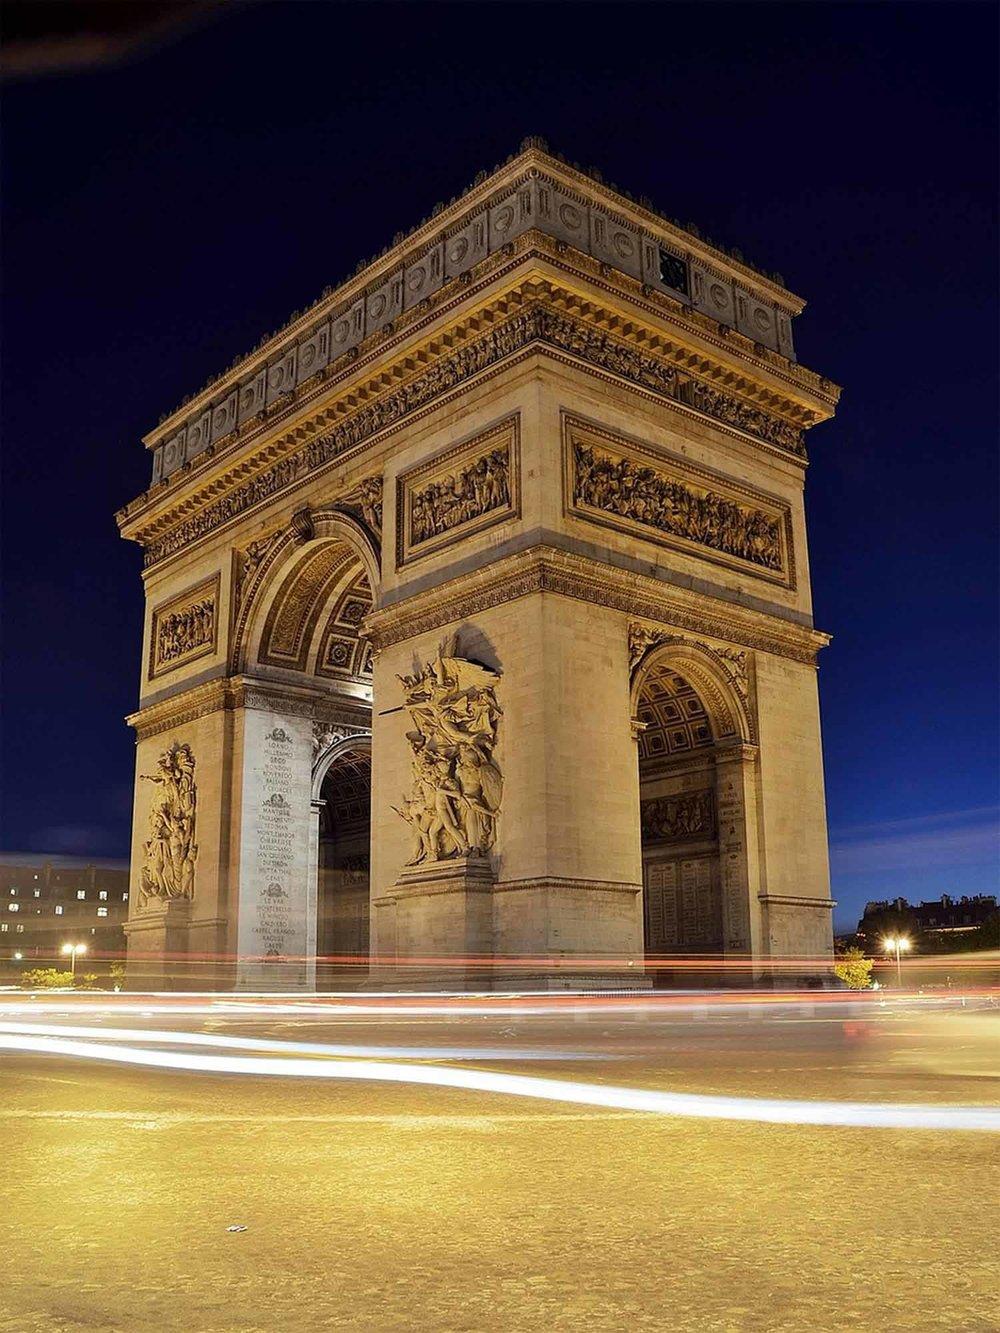 arc-de-triomphe-101632_1280-sm.jpg